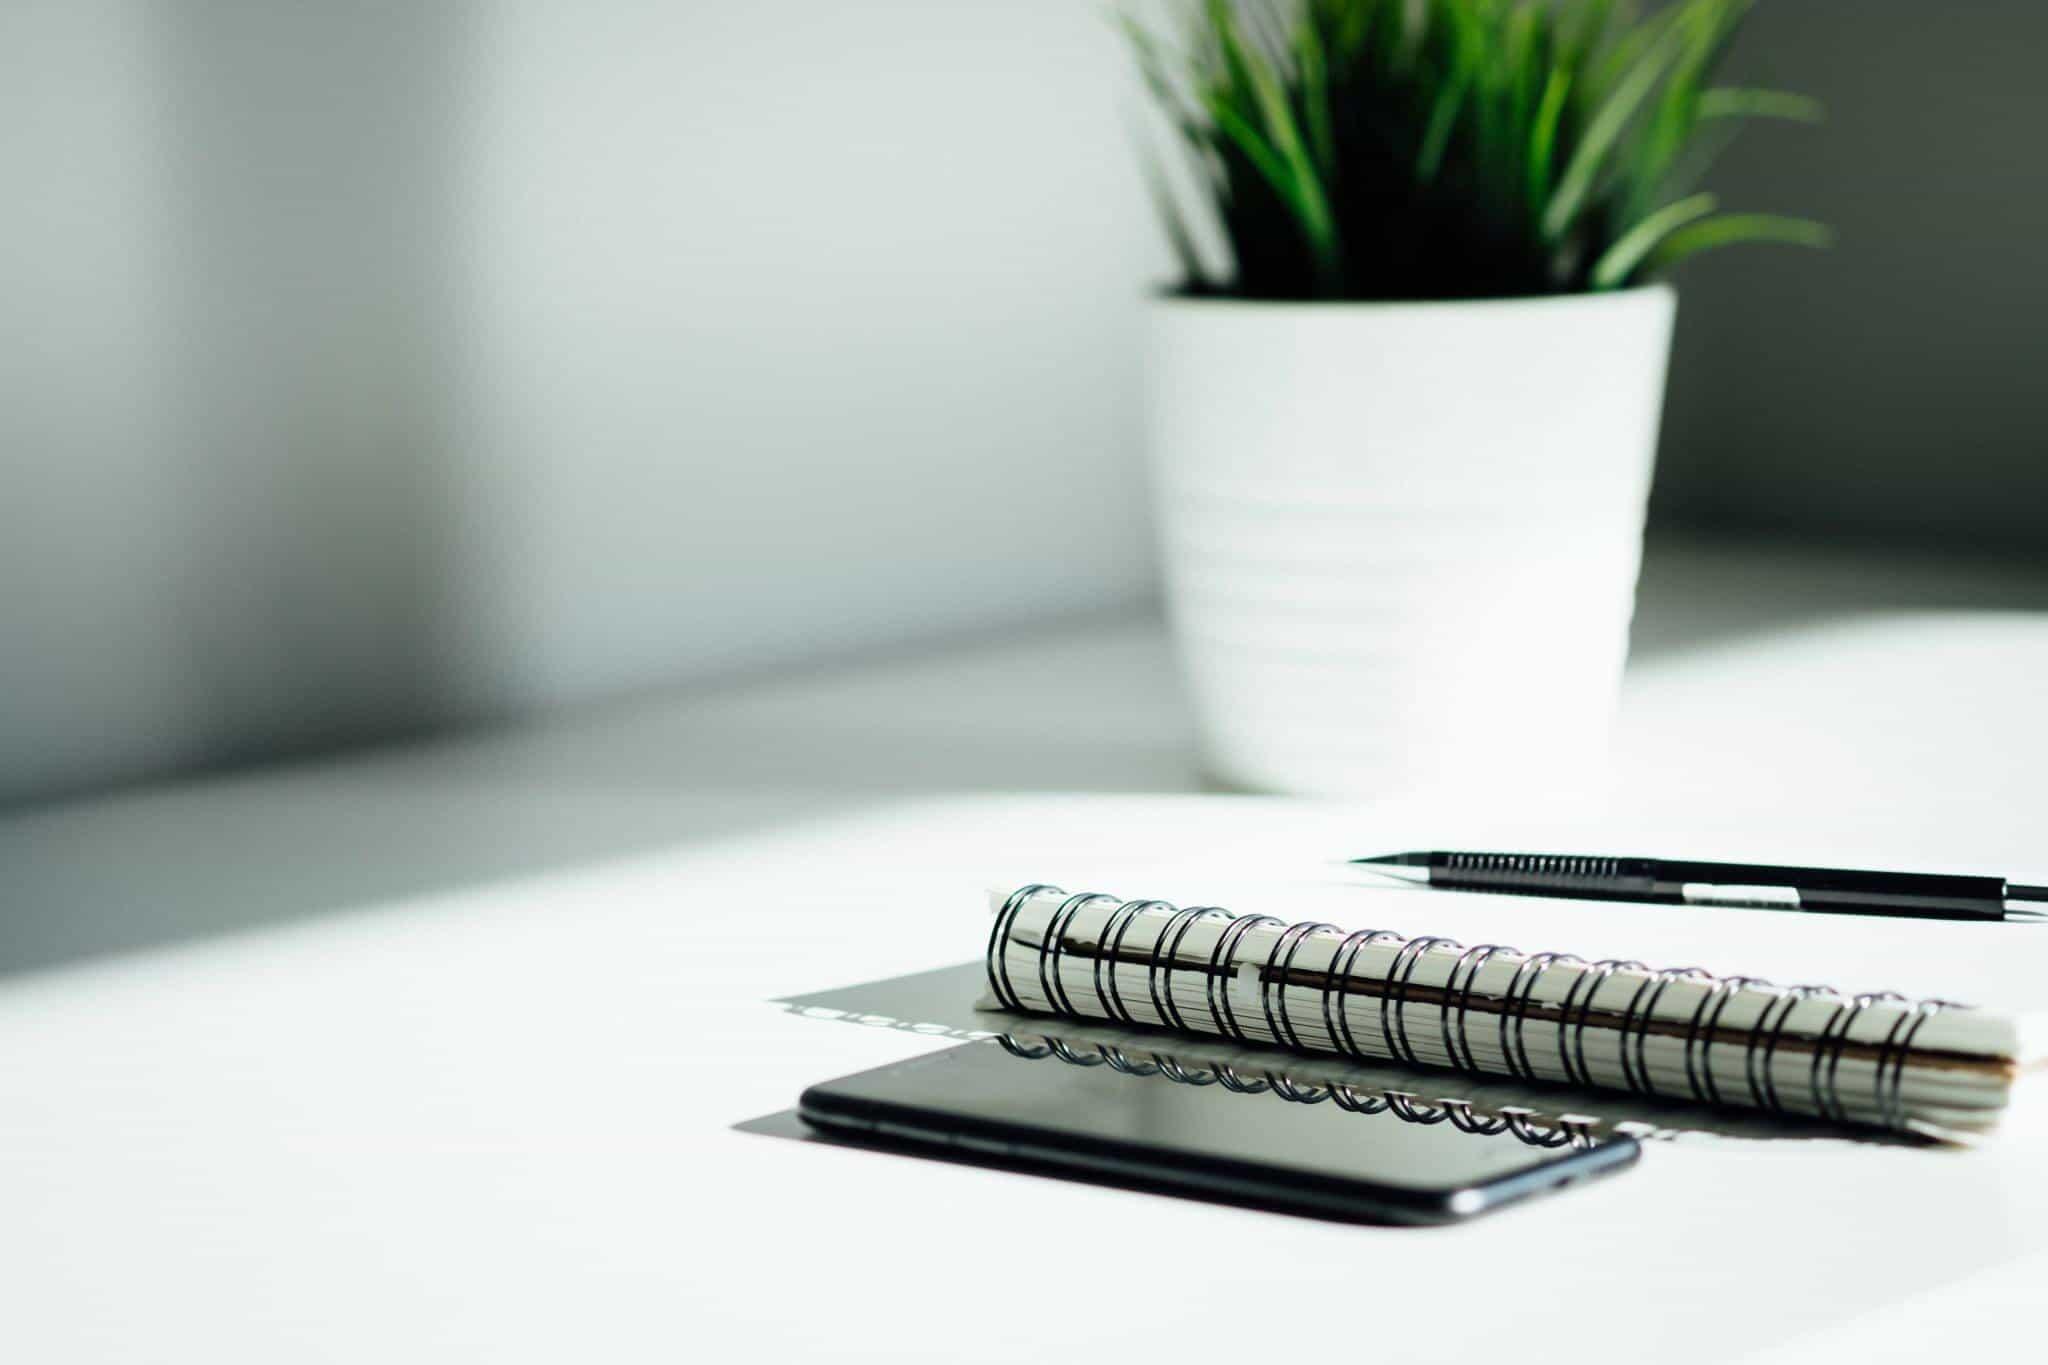 desk plant notebook pen phone